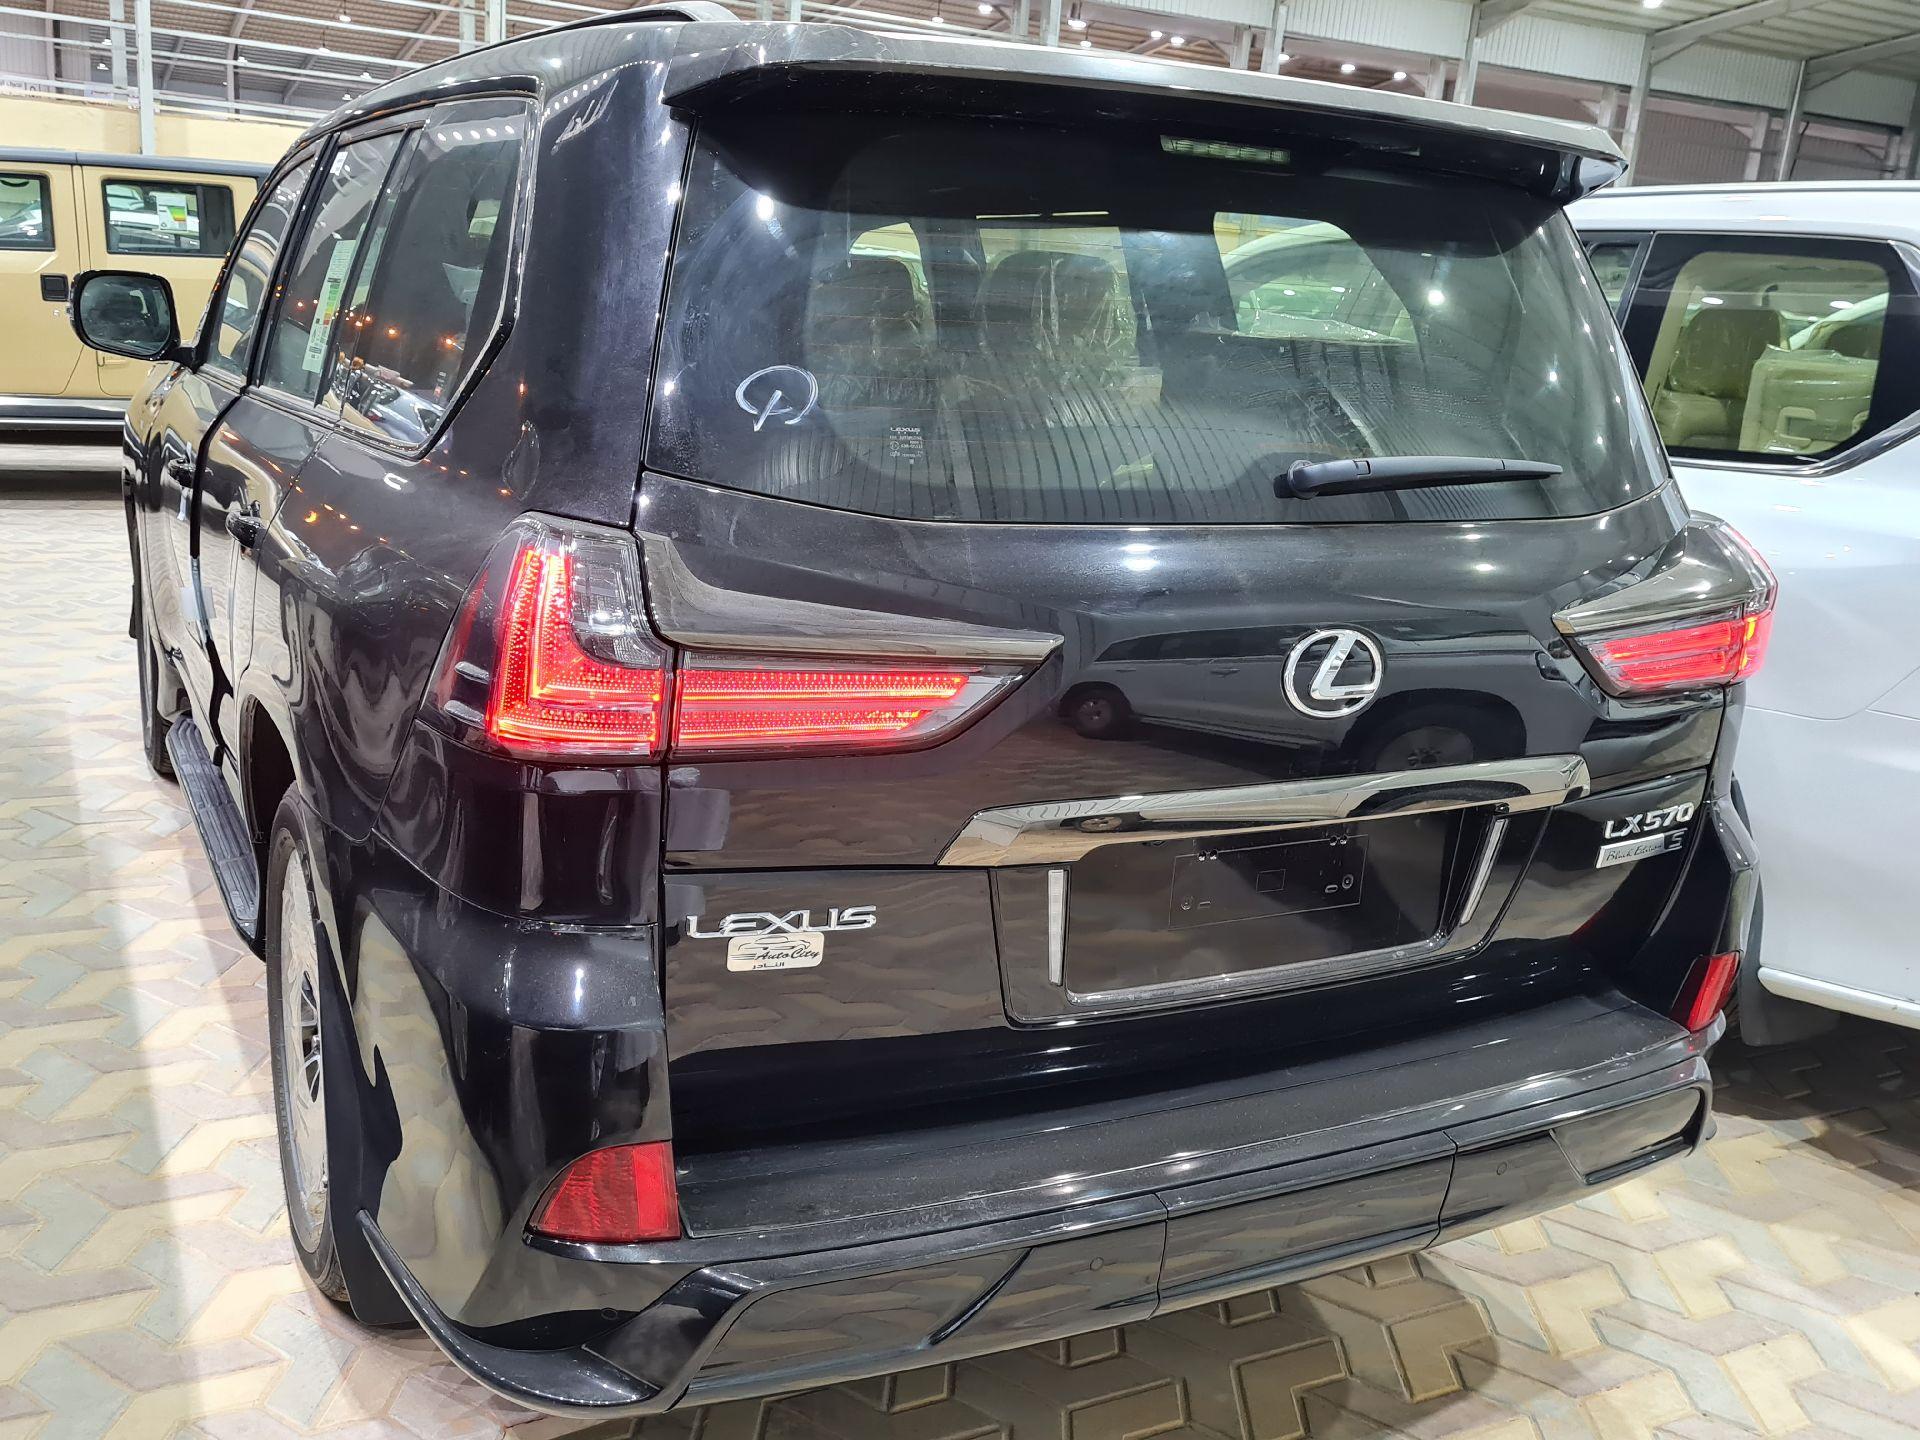 لكزس LX 570 Black Ed. 2021 فل سعودي للبيع في الرياض - السعودية - صورة كبيرة - 8